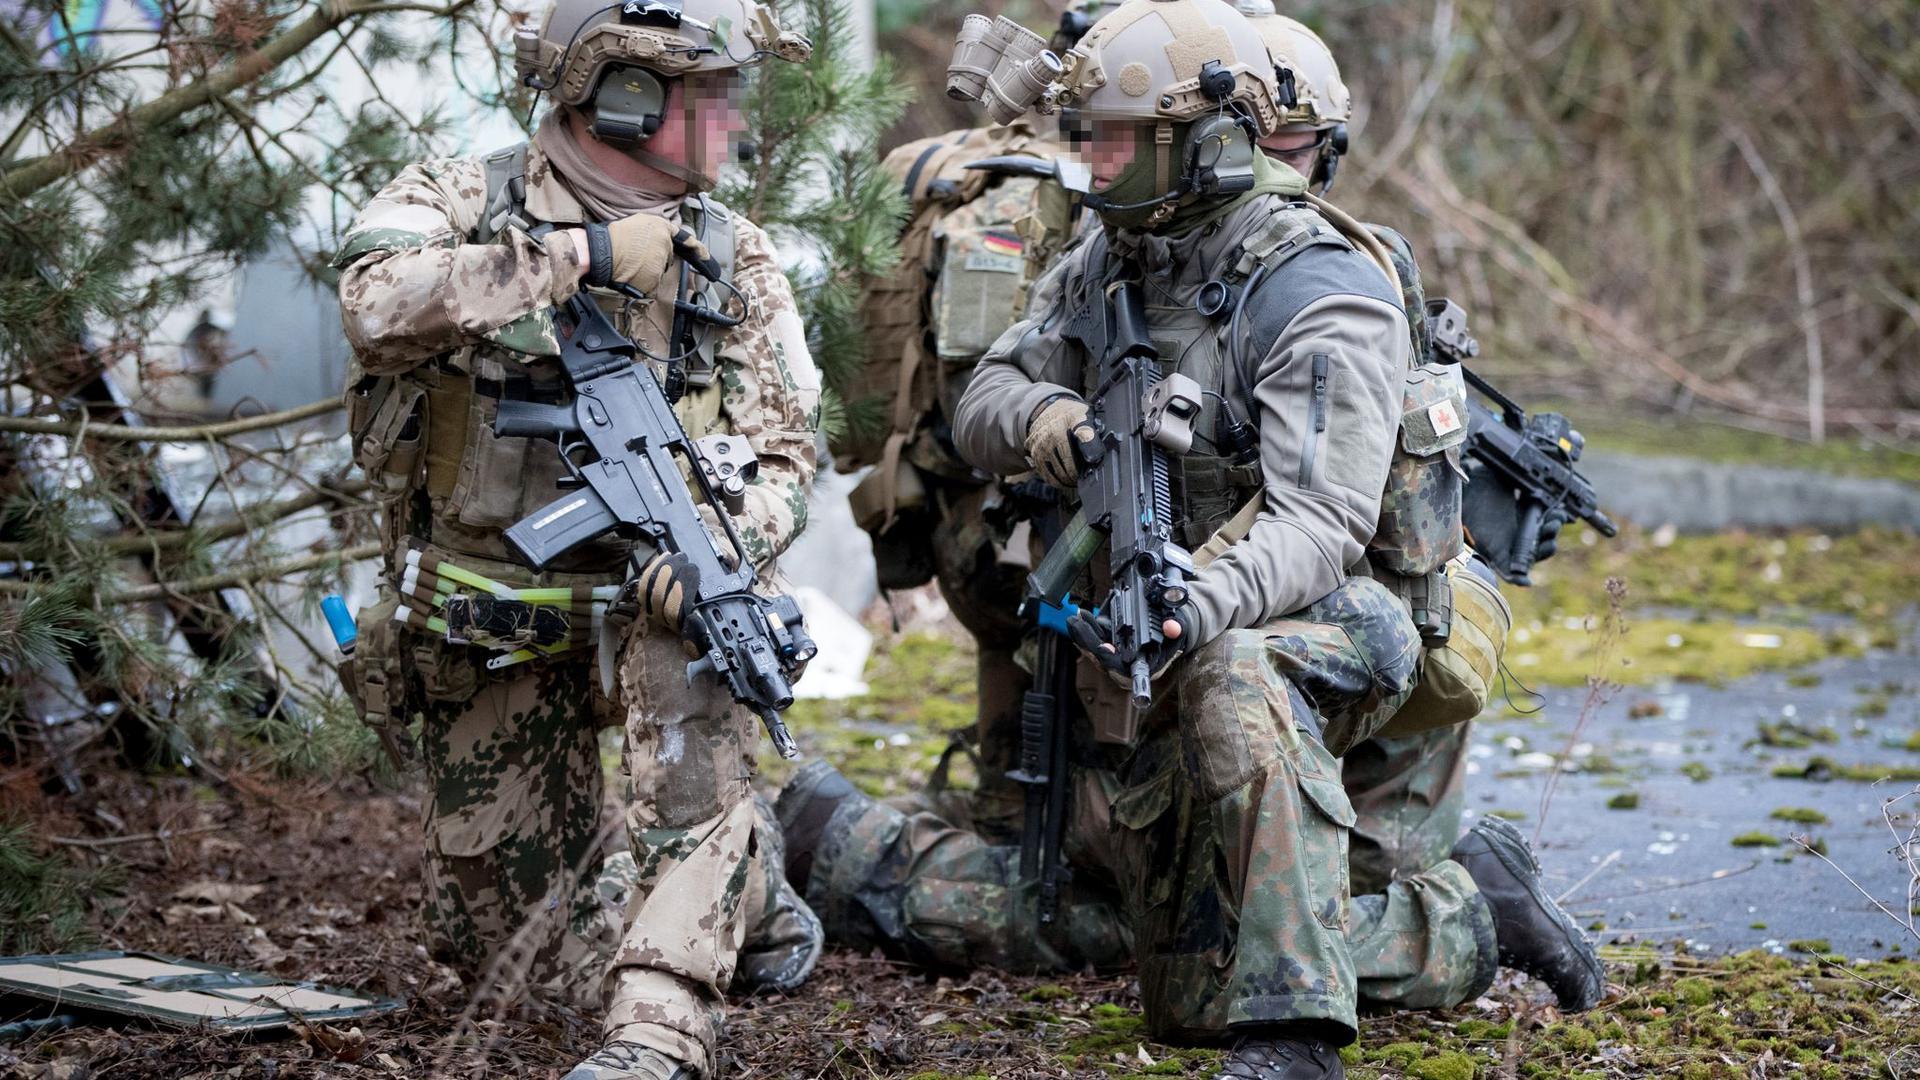 Bundeswehrsoldaten der Eliteeinheit Kommando Spezialkräfte (KSK) trainieren den Häuserkampf und eine Geiselbefreiung.